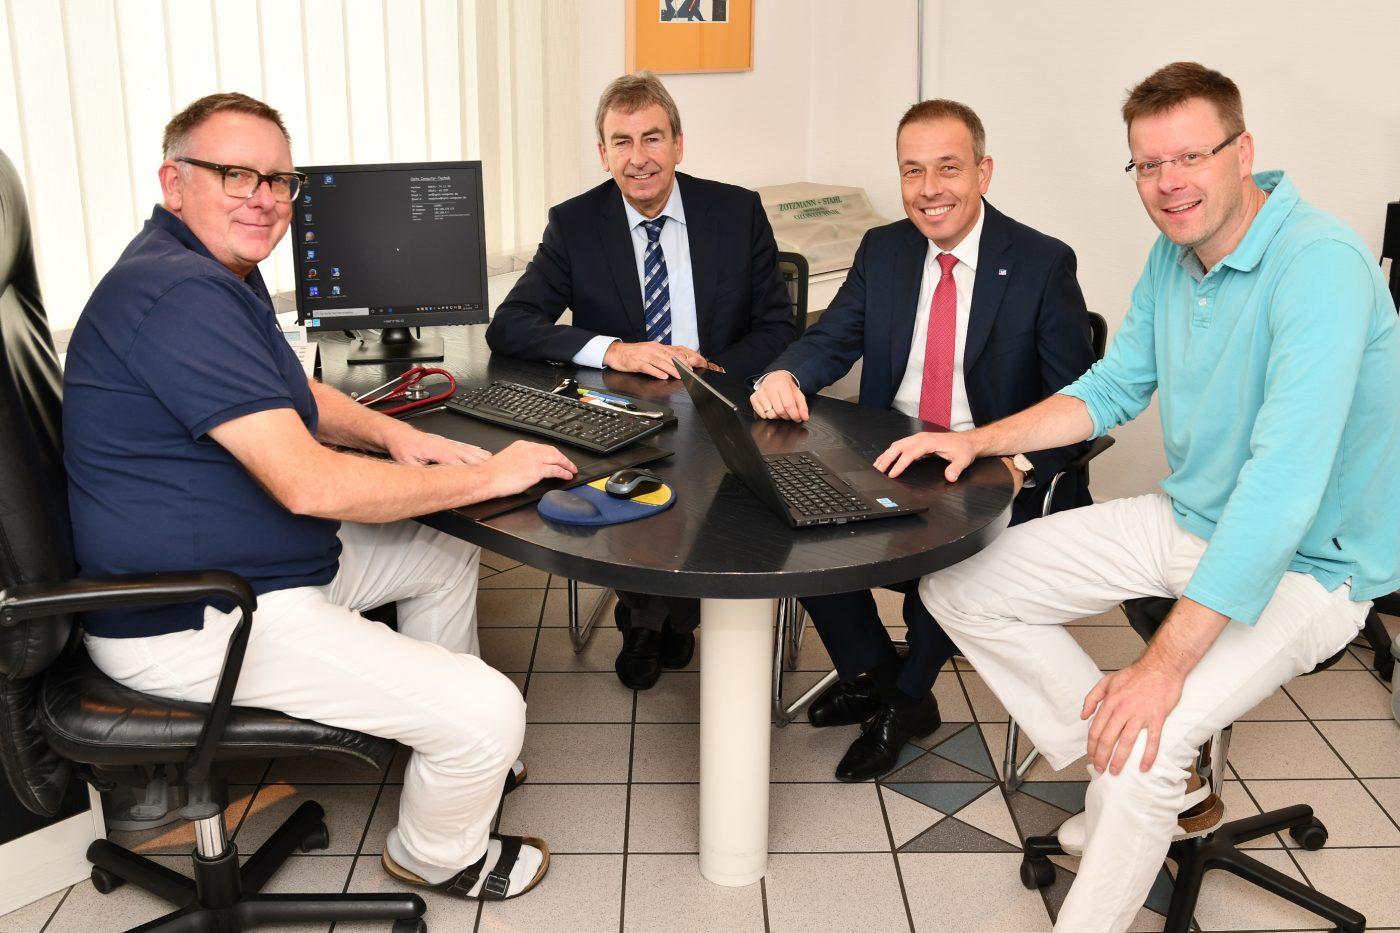 Dr. Elmar Arens (l.), Dr. Alexander Hoffmann (r.), Birger Kriwet von der Vereinigten Volksbank (2. v. r.) und Landrat Friedhelm Spieker